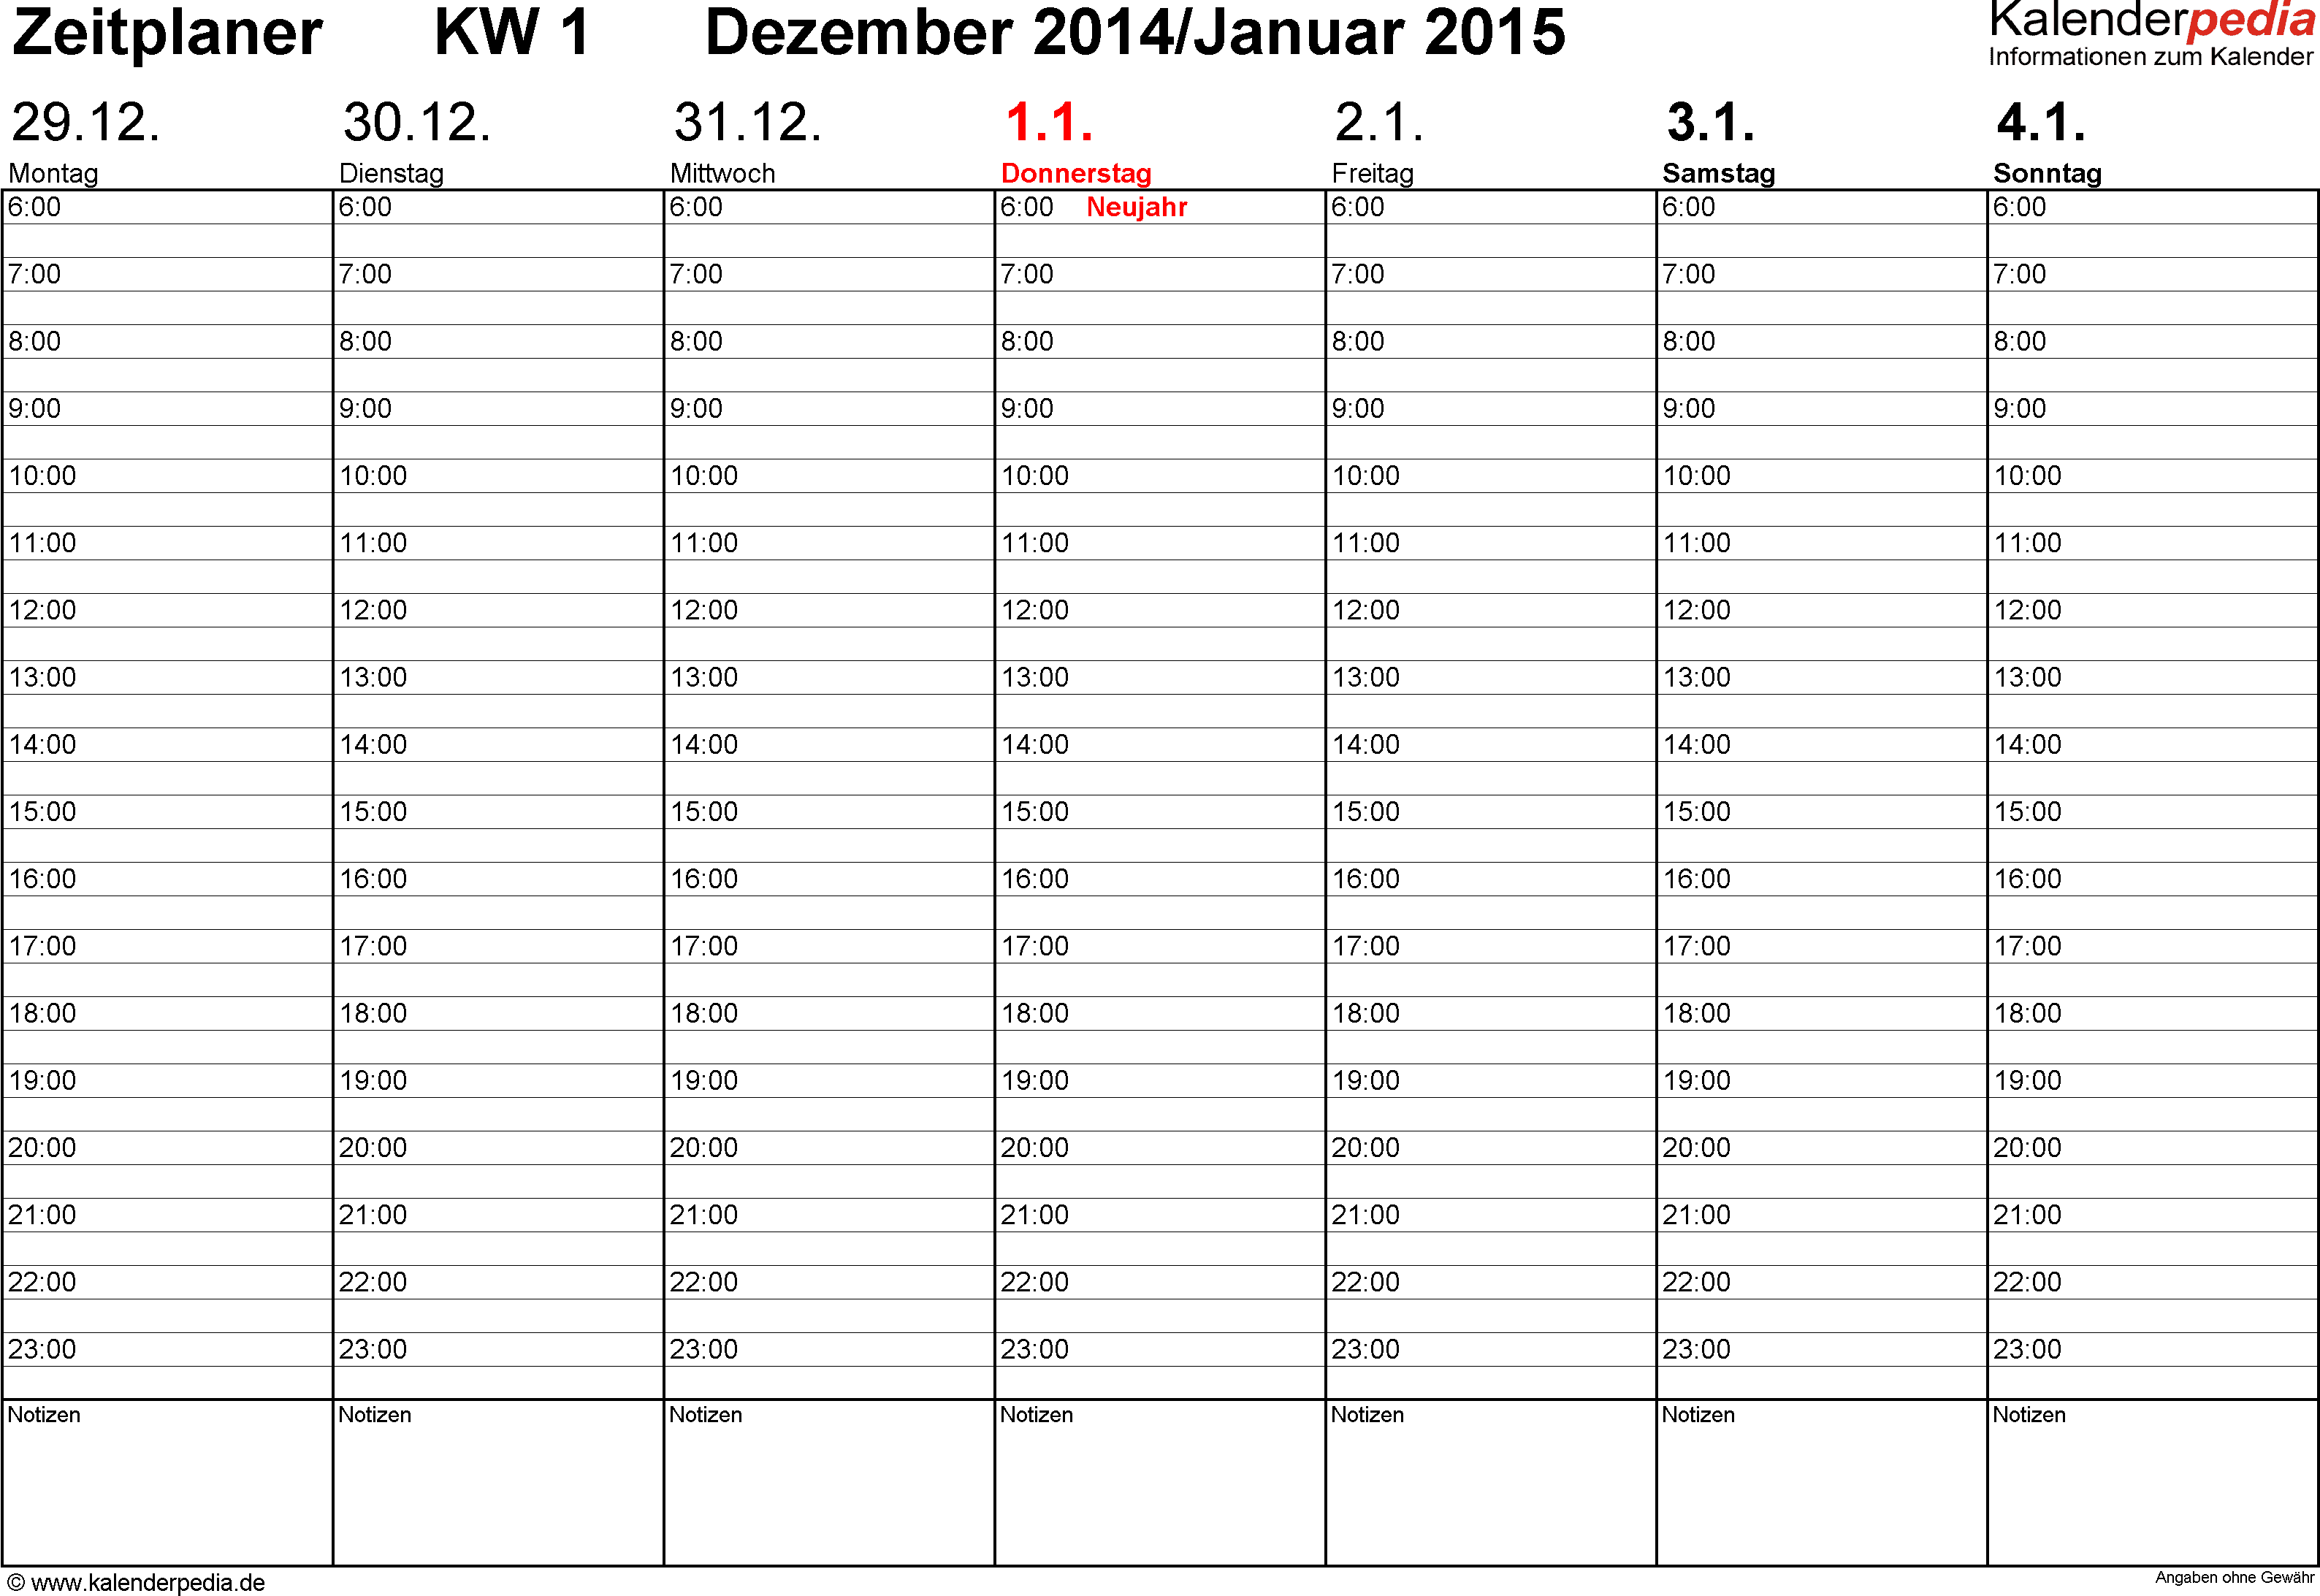 Vorlage 3: Wochenkalender 2015 als Excel-Vorlage, Zeitplaner-Layout, Querformat, 53 Seiten (1 Woche auf 1 Seite)